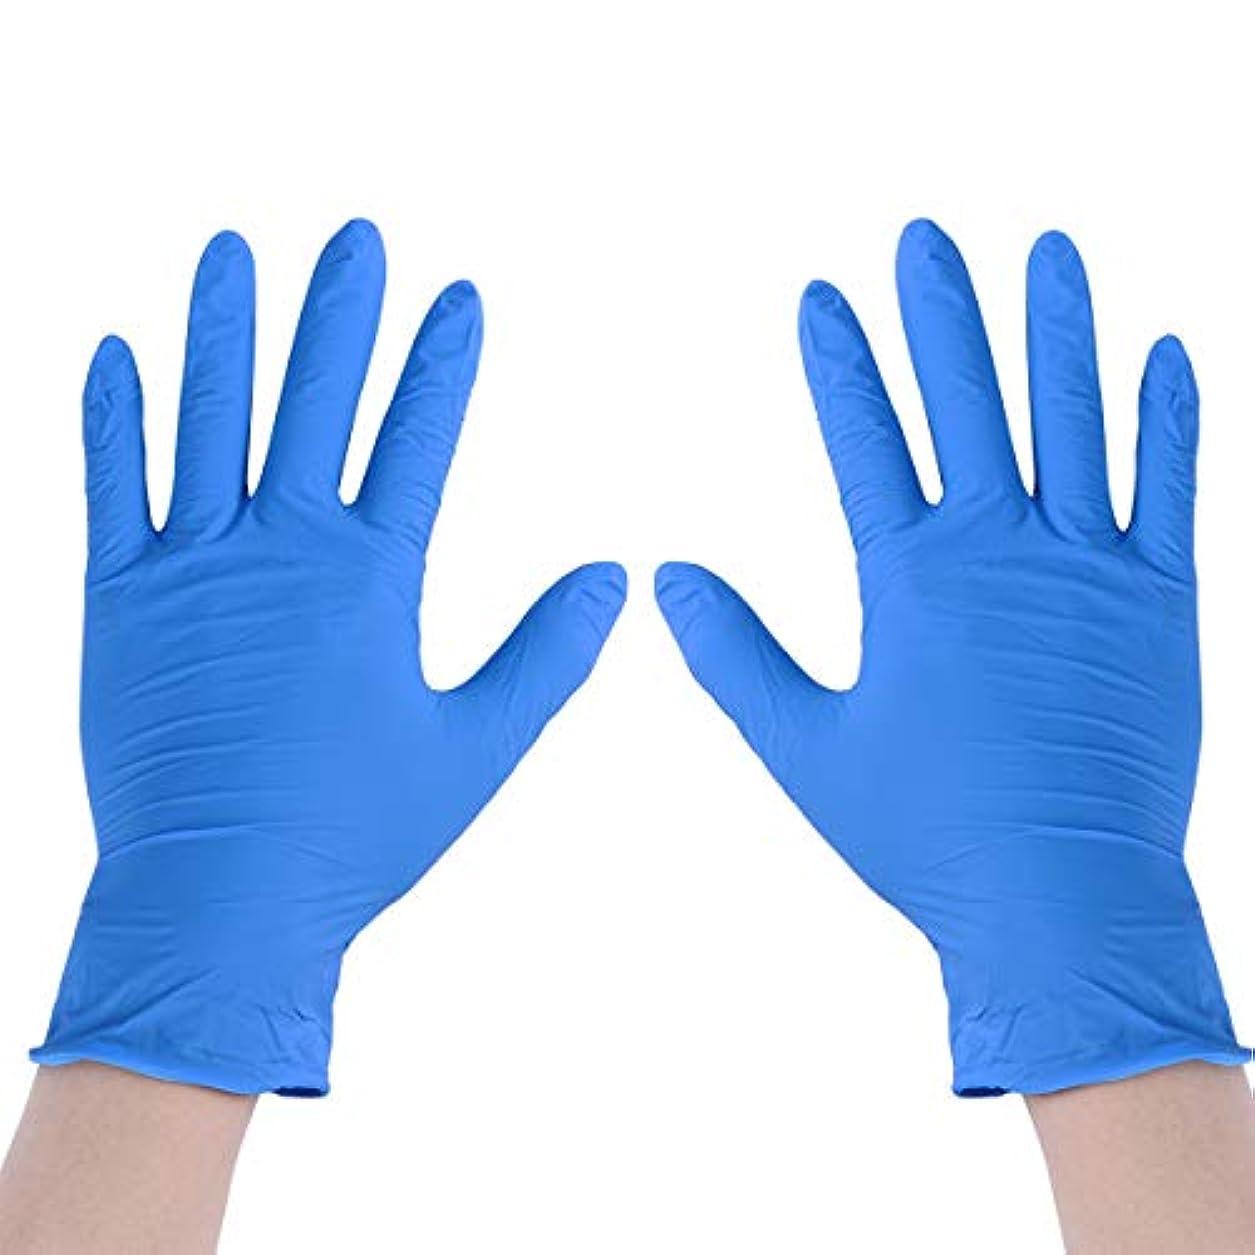 検出落ち込んでいる死にかけているFrcolor 使い捨て手袋 ニトリル手袋 ビニール手袋 薄手 作業用 介護用 調理用 炊事用 園芸用 掃除用 9インチ Mサイズ 100枚入(ブルー)